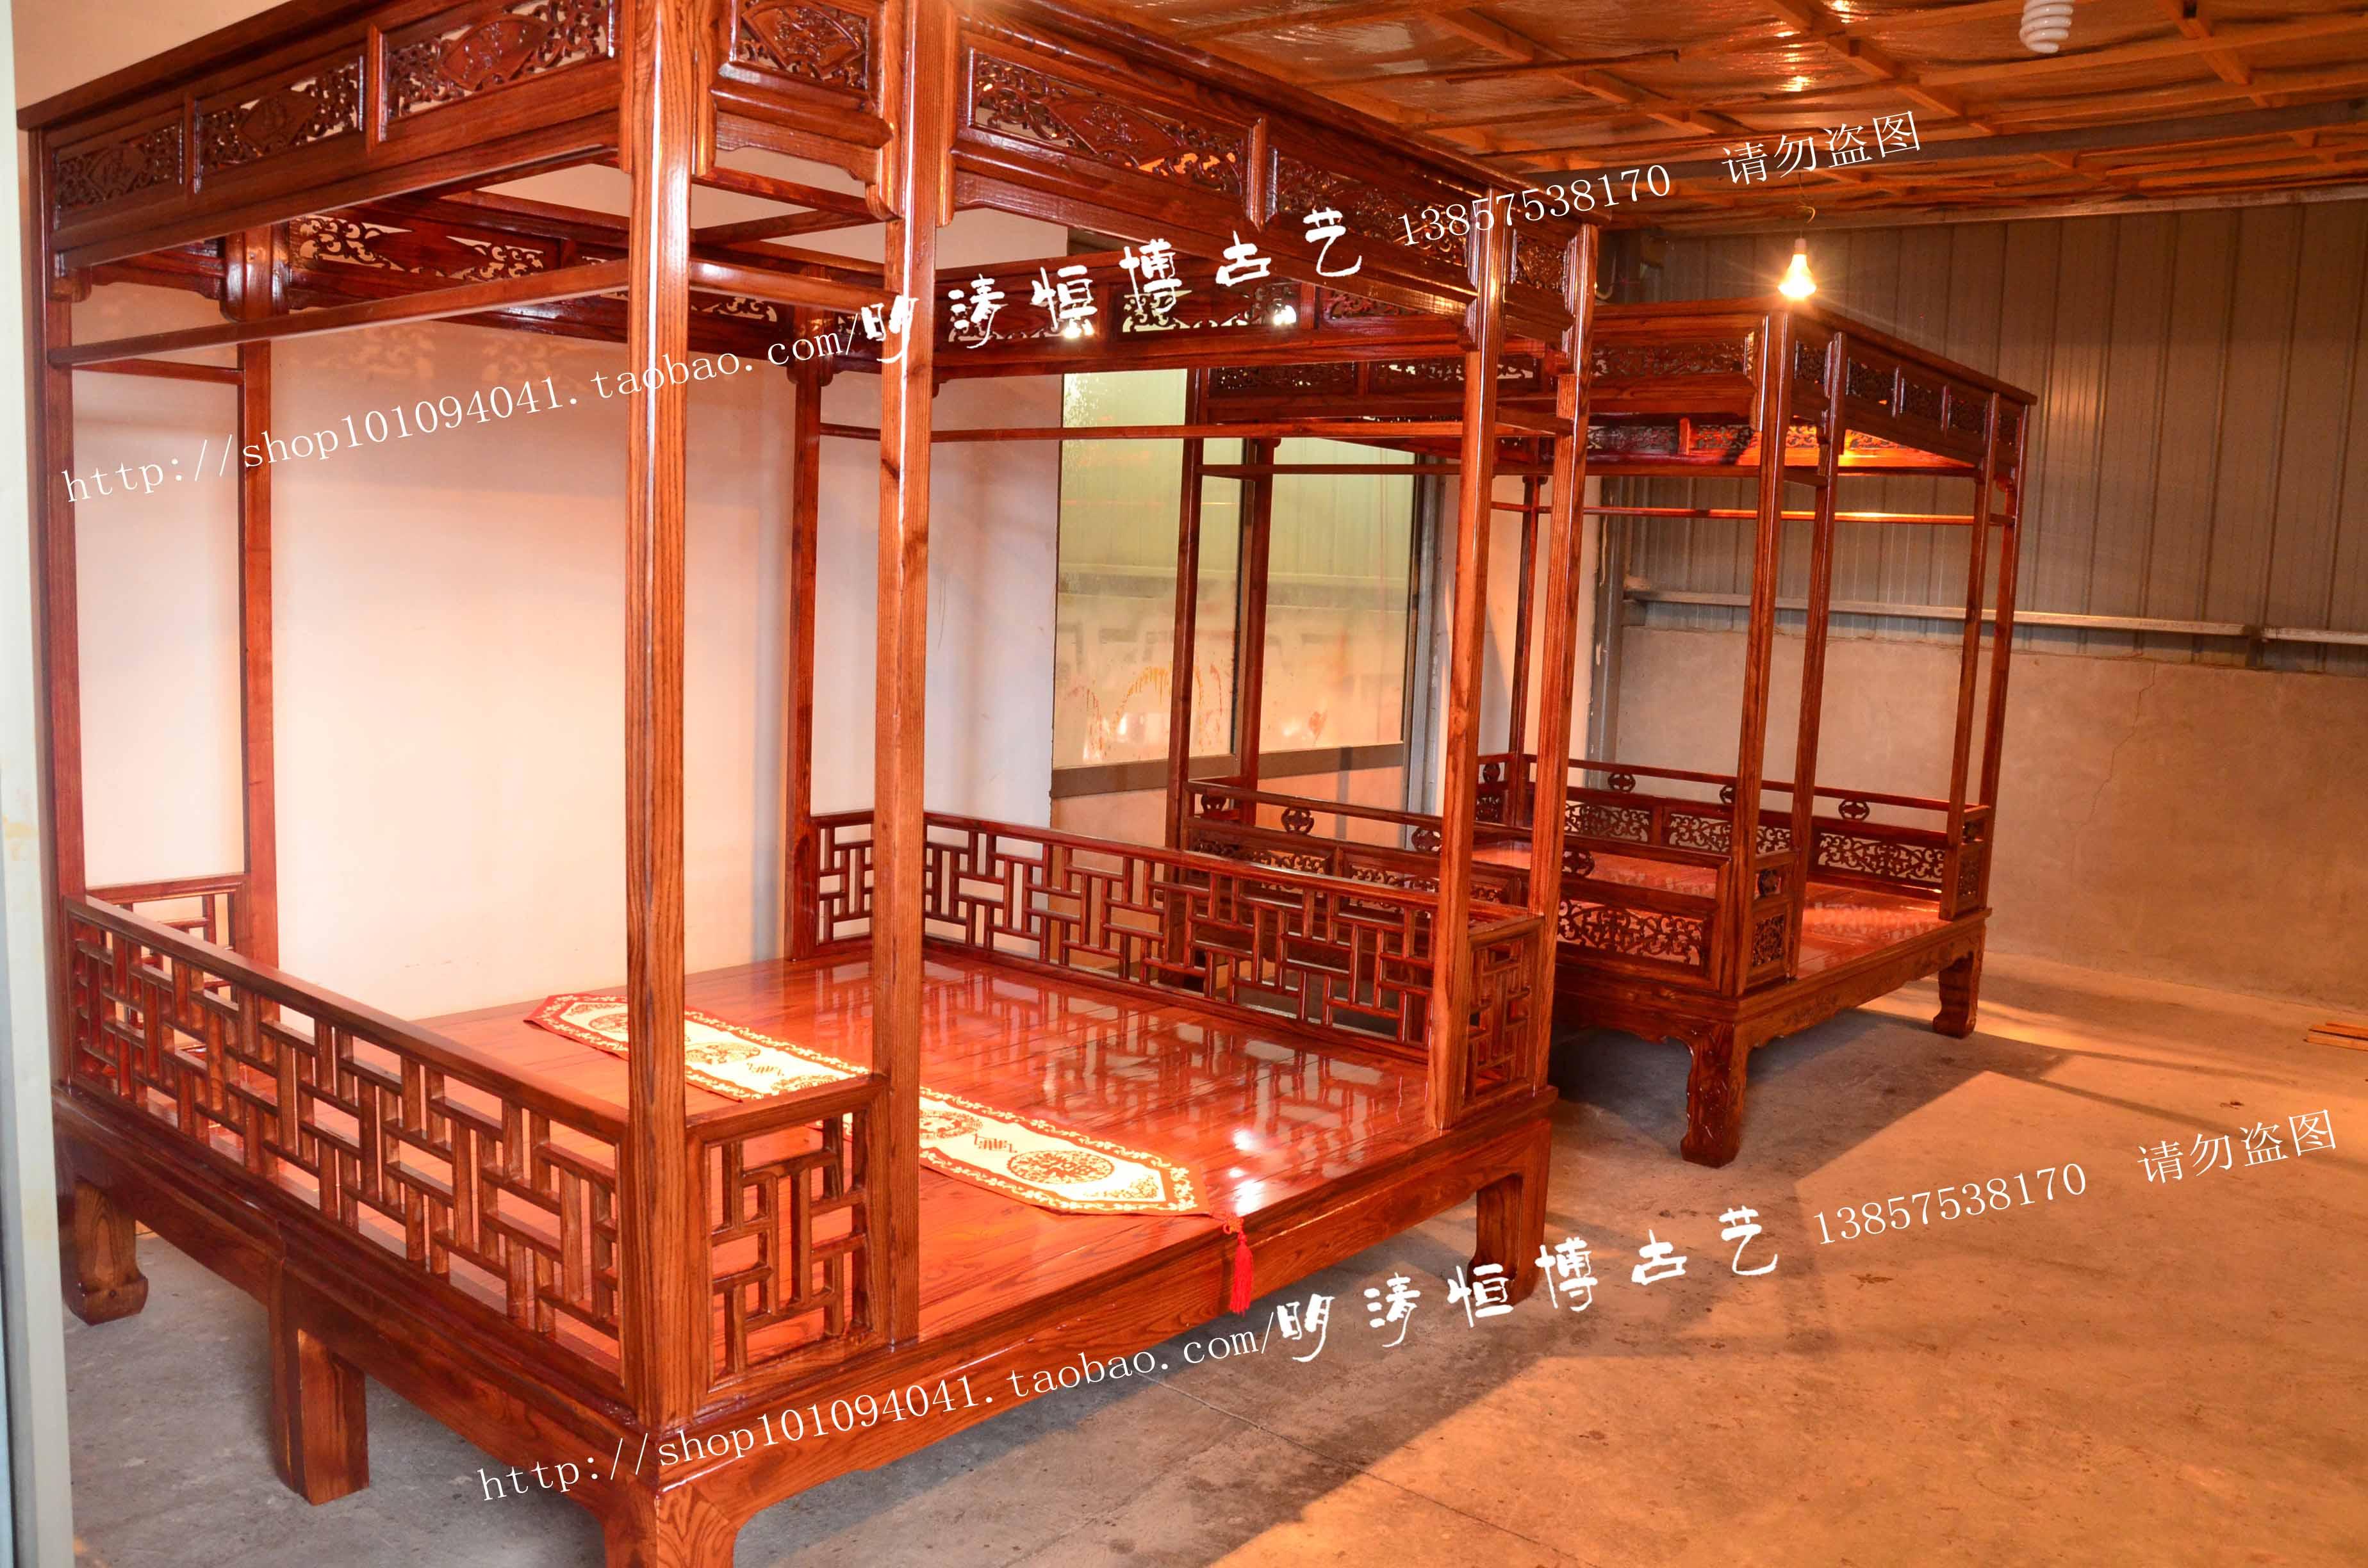 架子床仿古实木床中式架子床仿古木雕床明清古典床雕花围栏